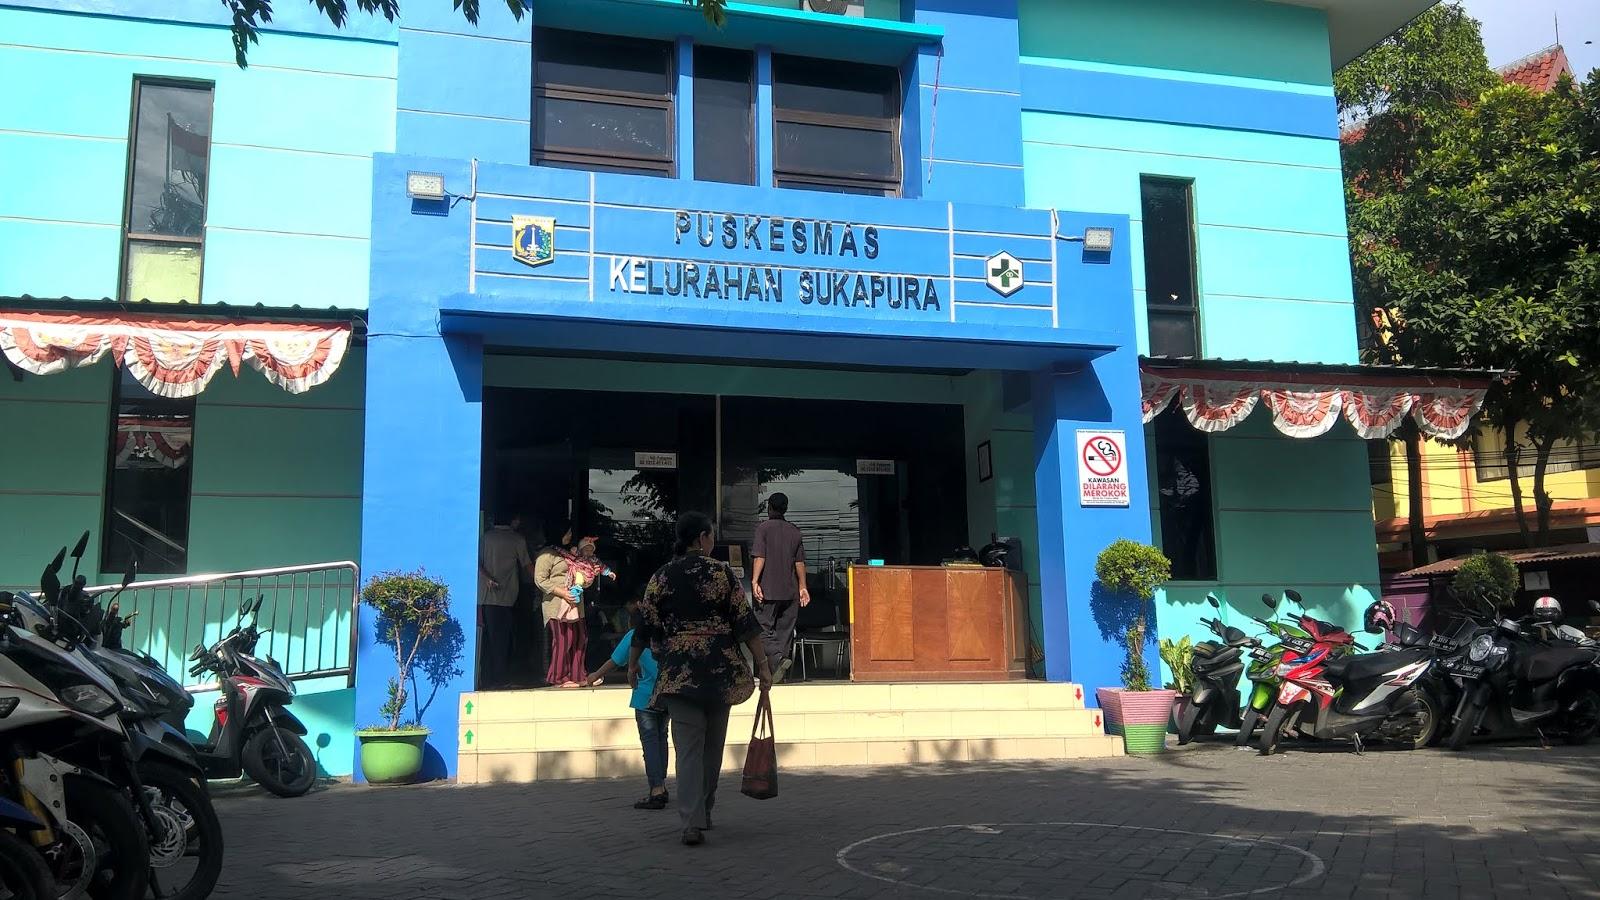 Puskesmas Kelurahan Sukapura